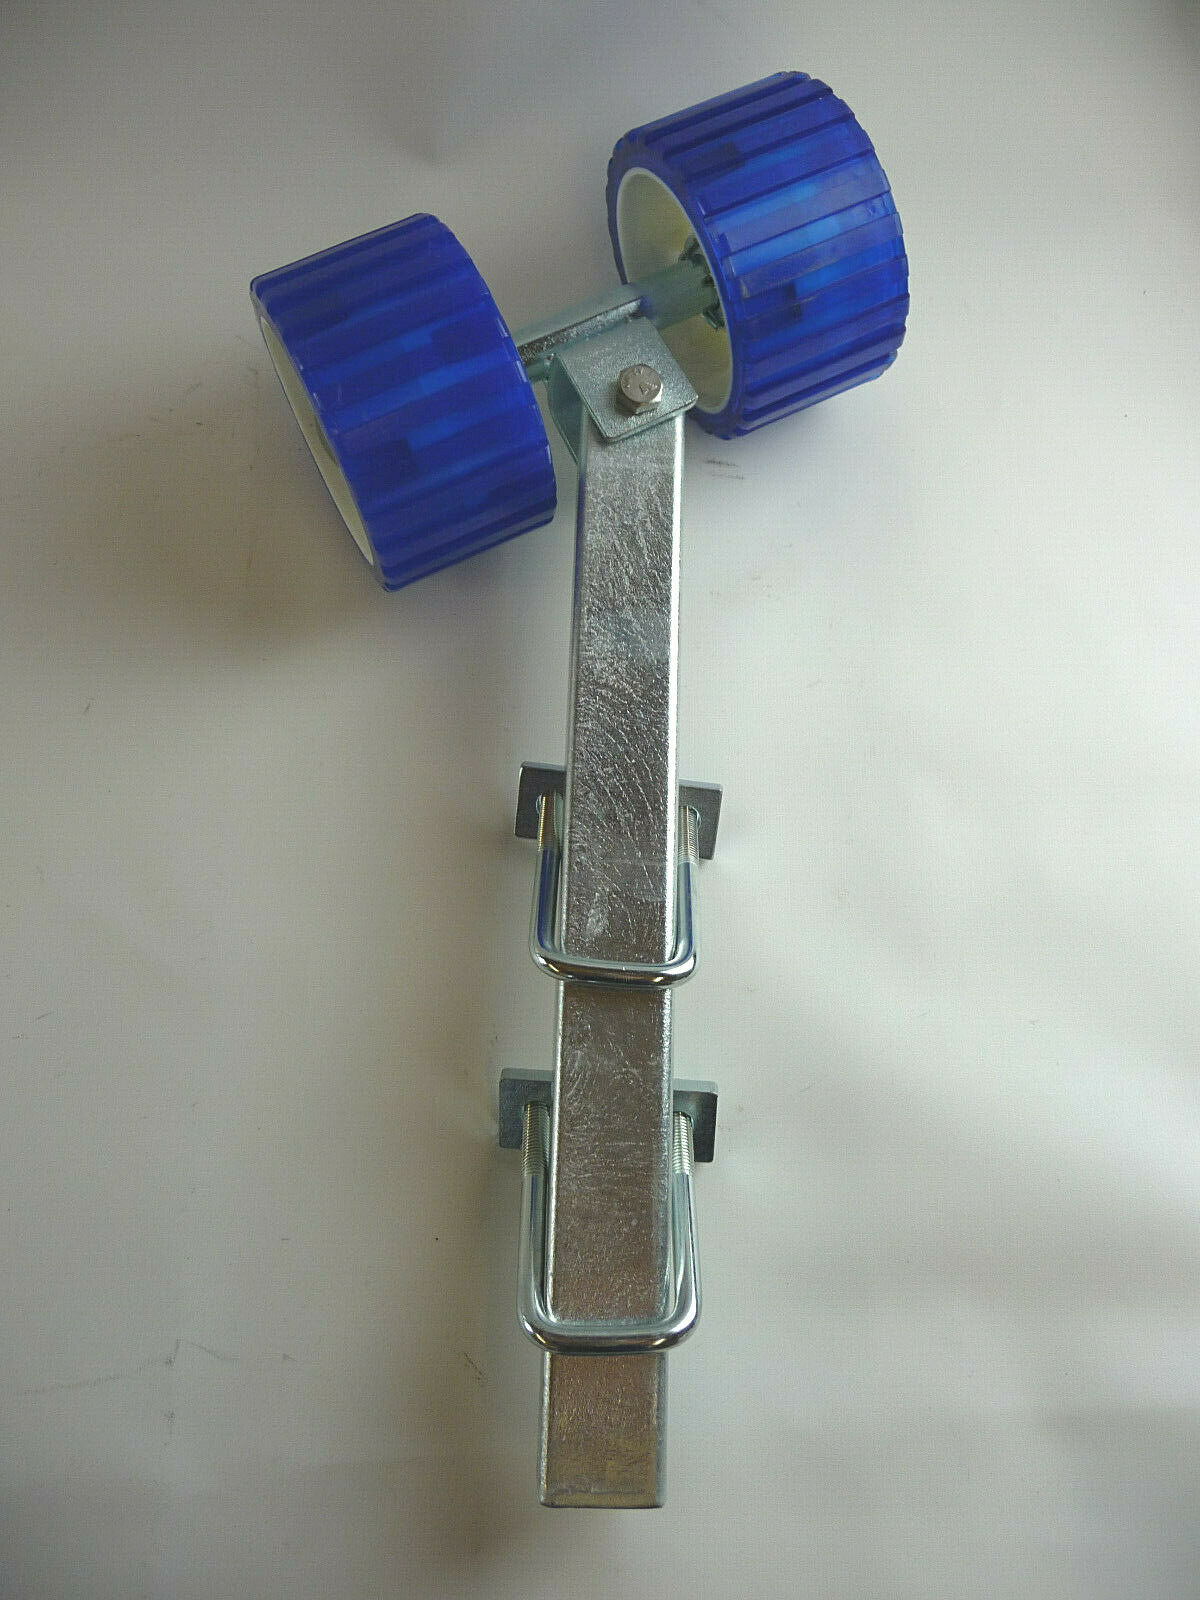 Sliprolle Bootsauflage Kielrolle Rolle aus Polyvinyl mit 400 mm Rohr u Zubehör